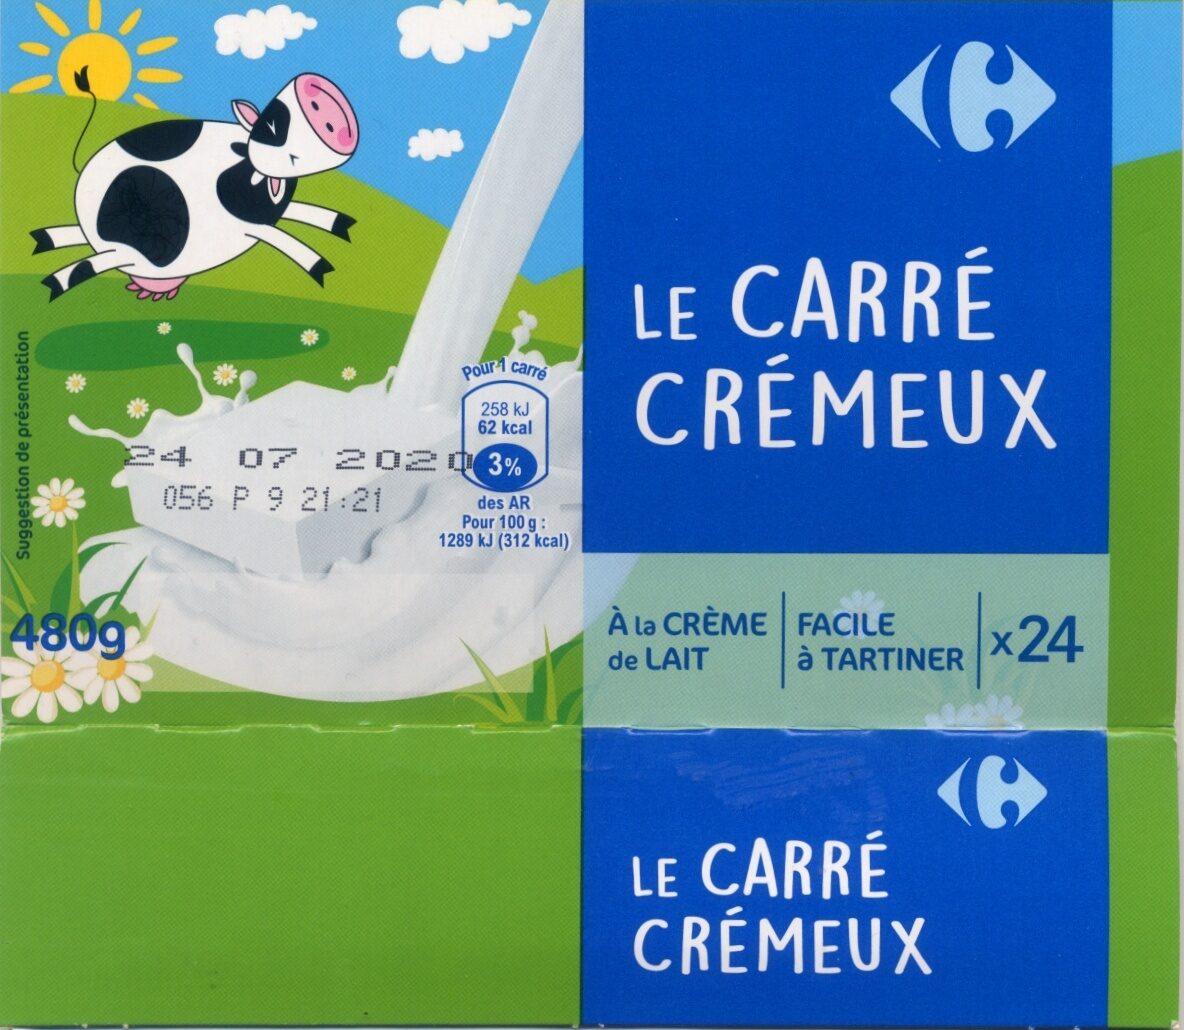 Le carré crémeux - Product - fr